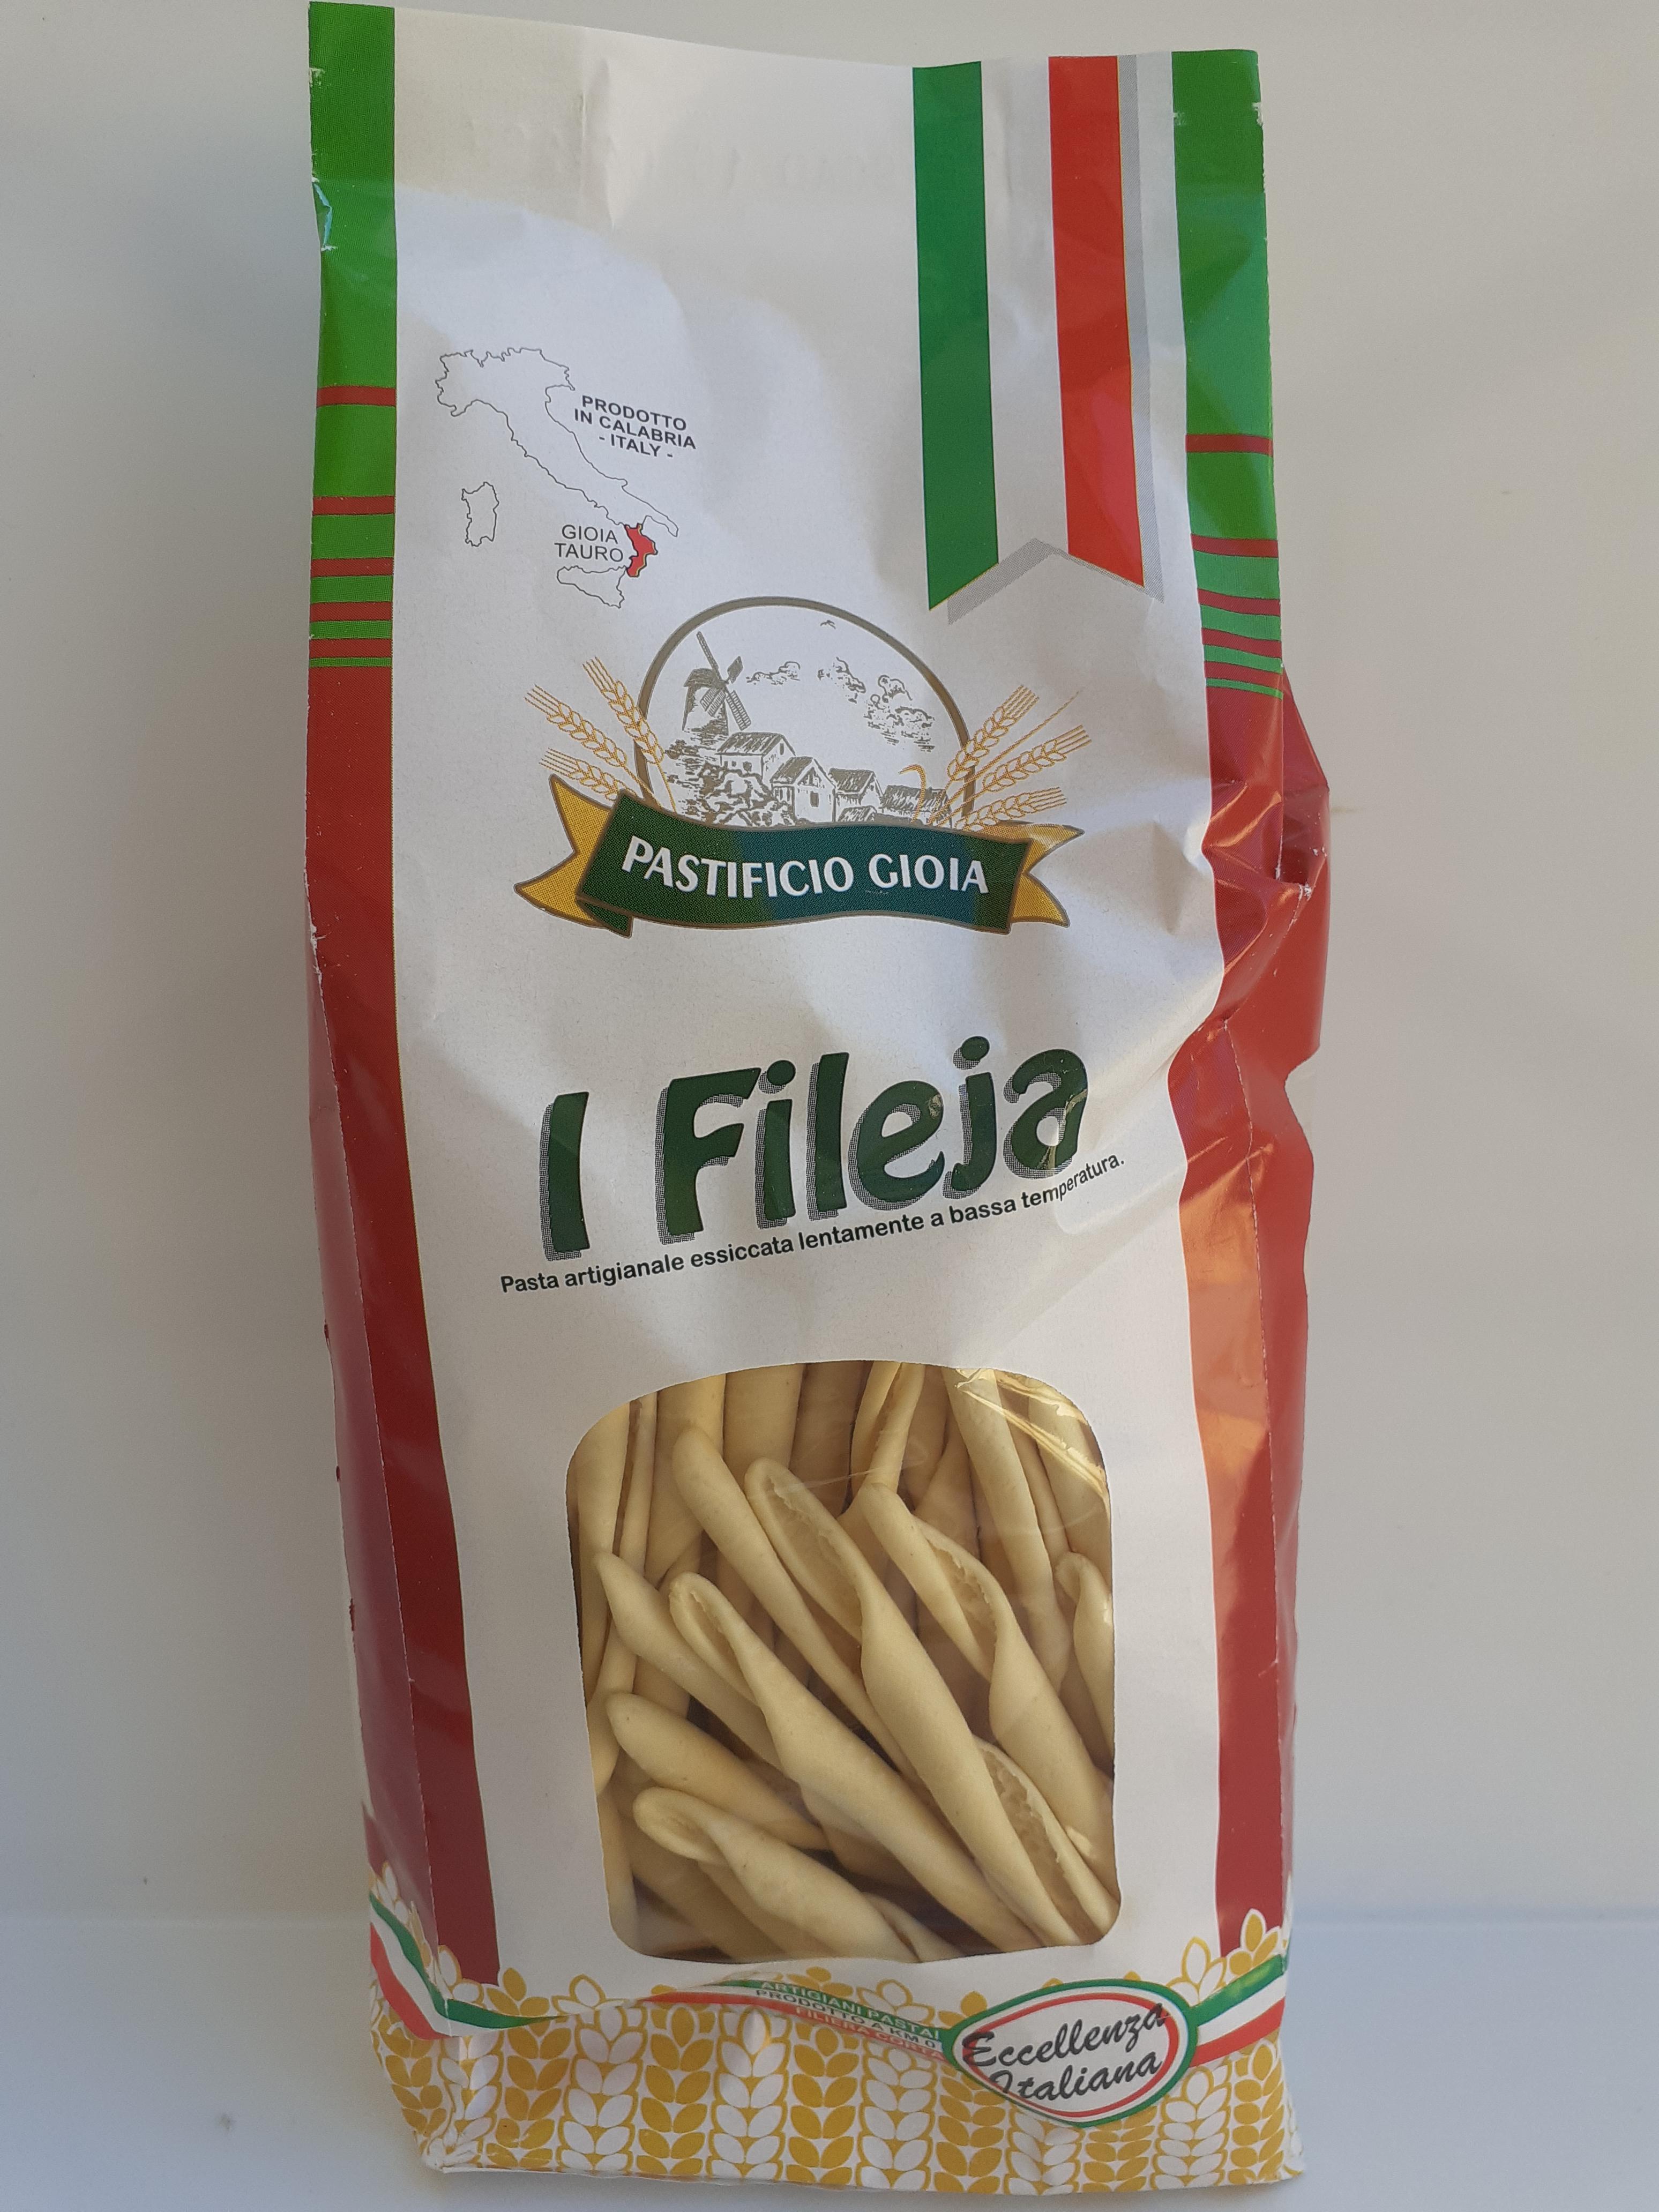 I Fileja 500g. Pasta Artigianale essiccata lentamente a bassa temperatura del Pastificio Gioia Gioia Tauro (RC)